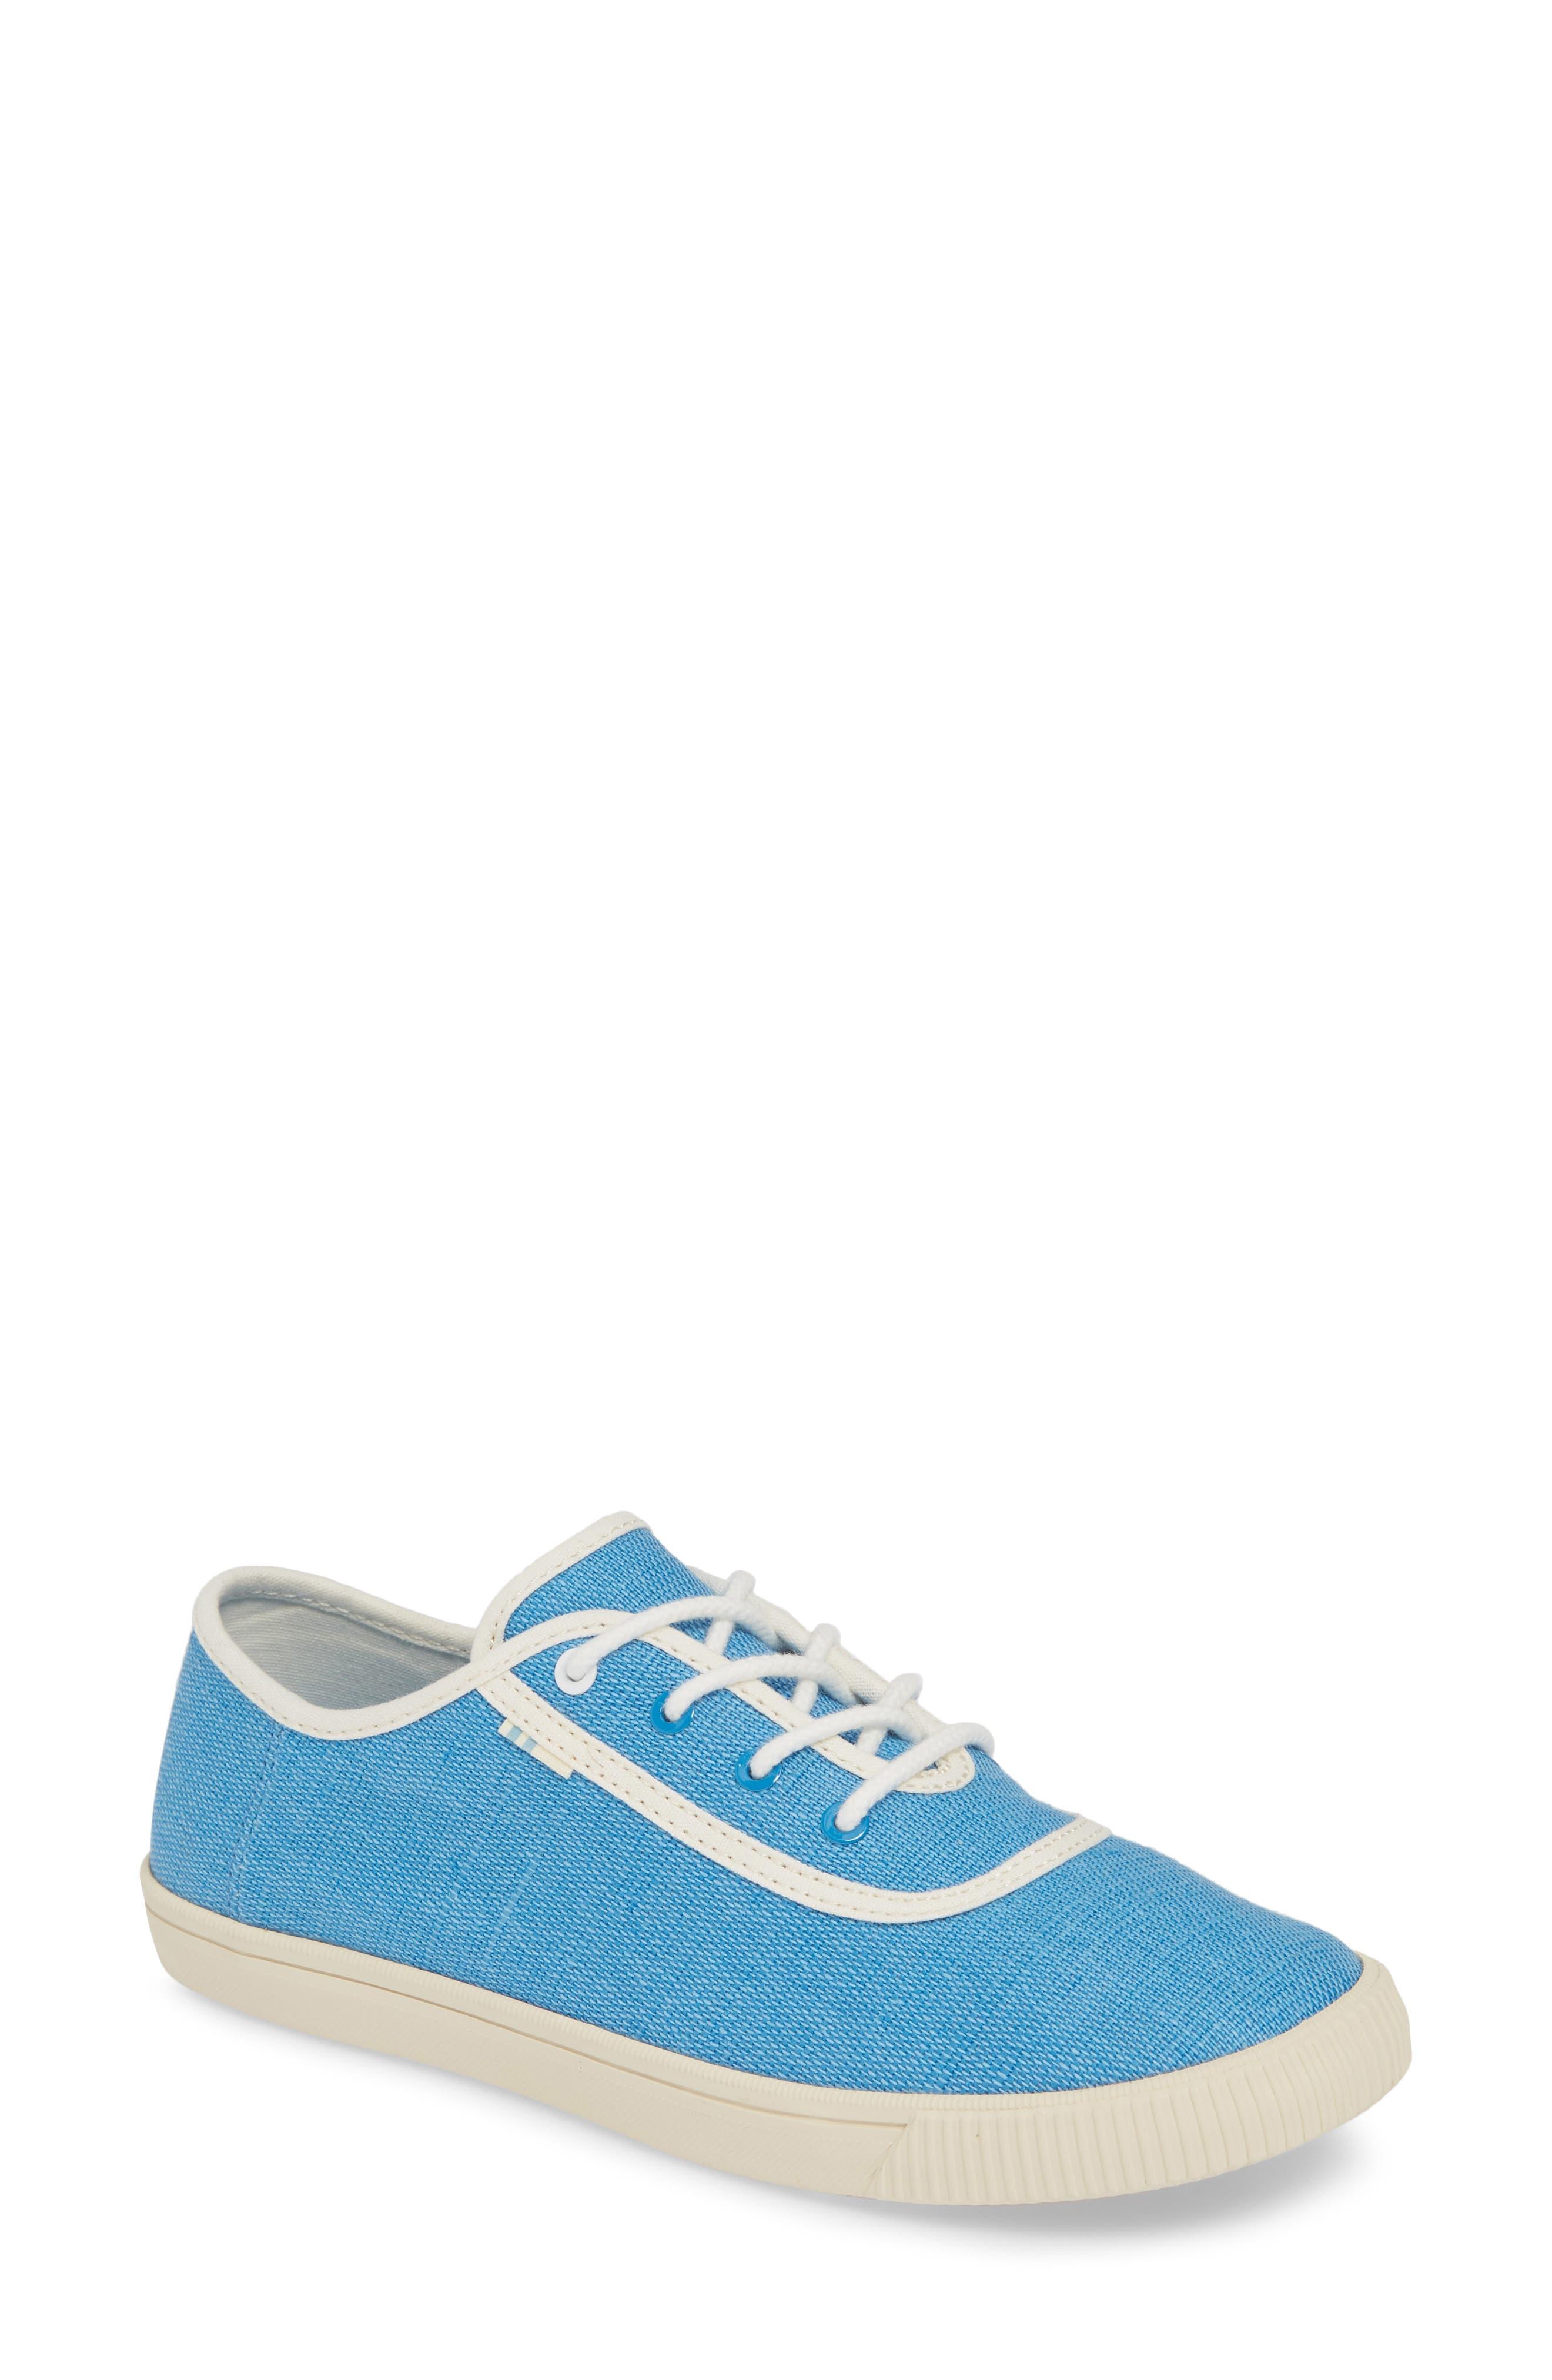 Toms Carmel Sneaker B - Blue